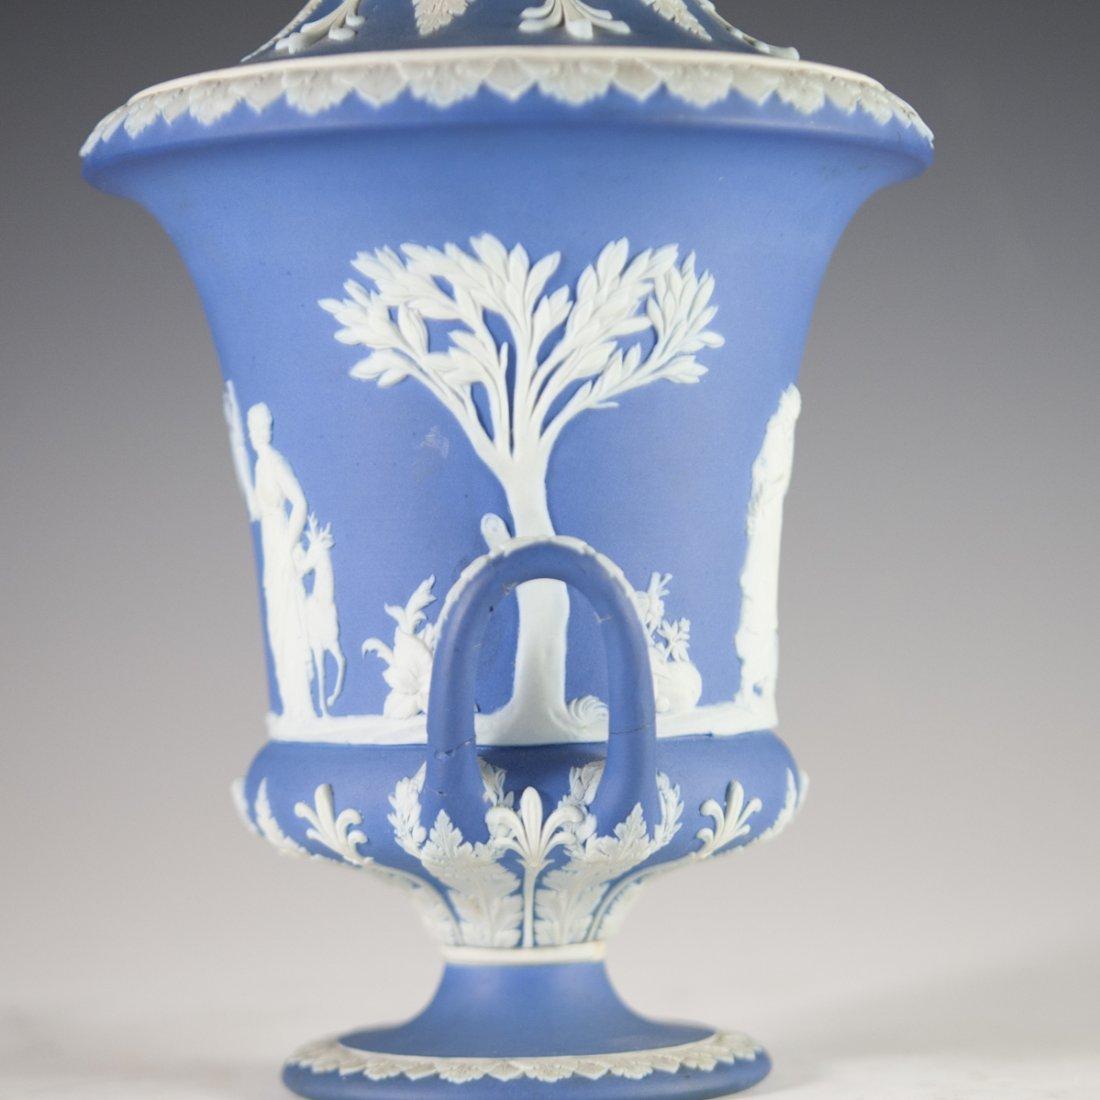 Vintage Wedgwood Jasperware Urn - 5